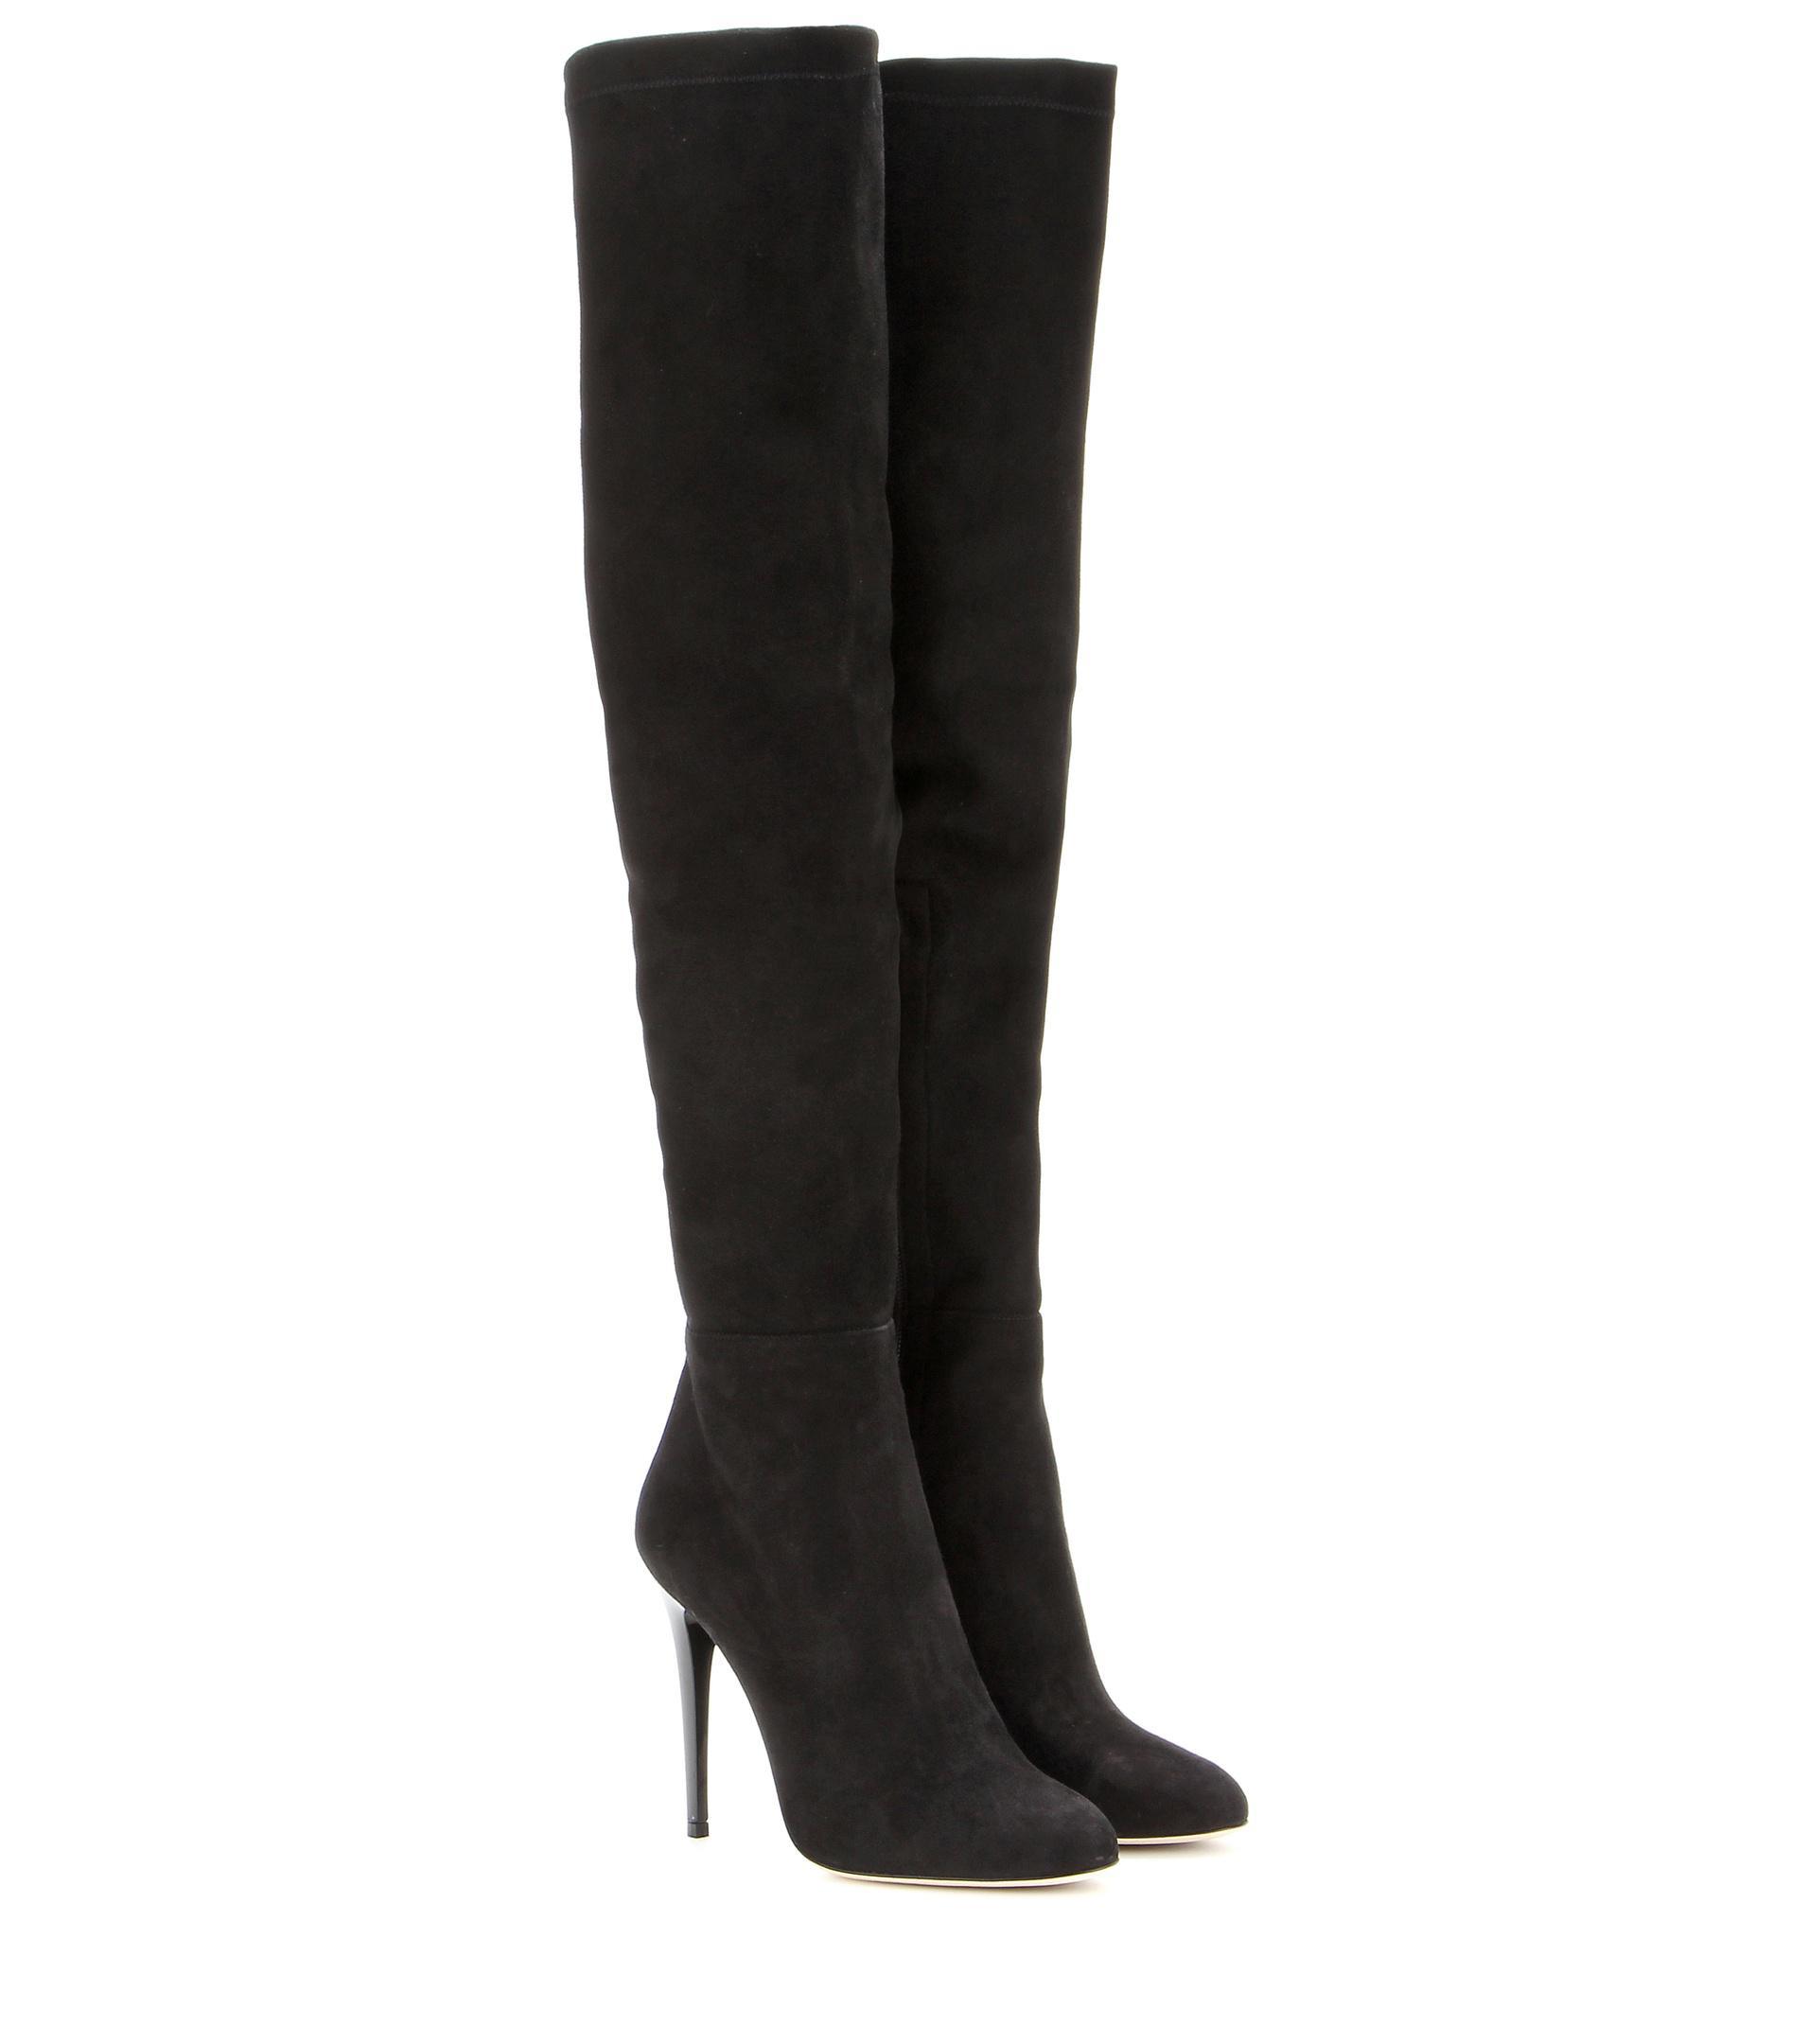 Turner 110 thigh high boots - Black Jimmy Choo London SEX1ssv